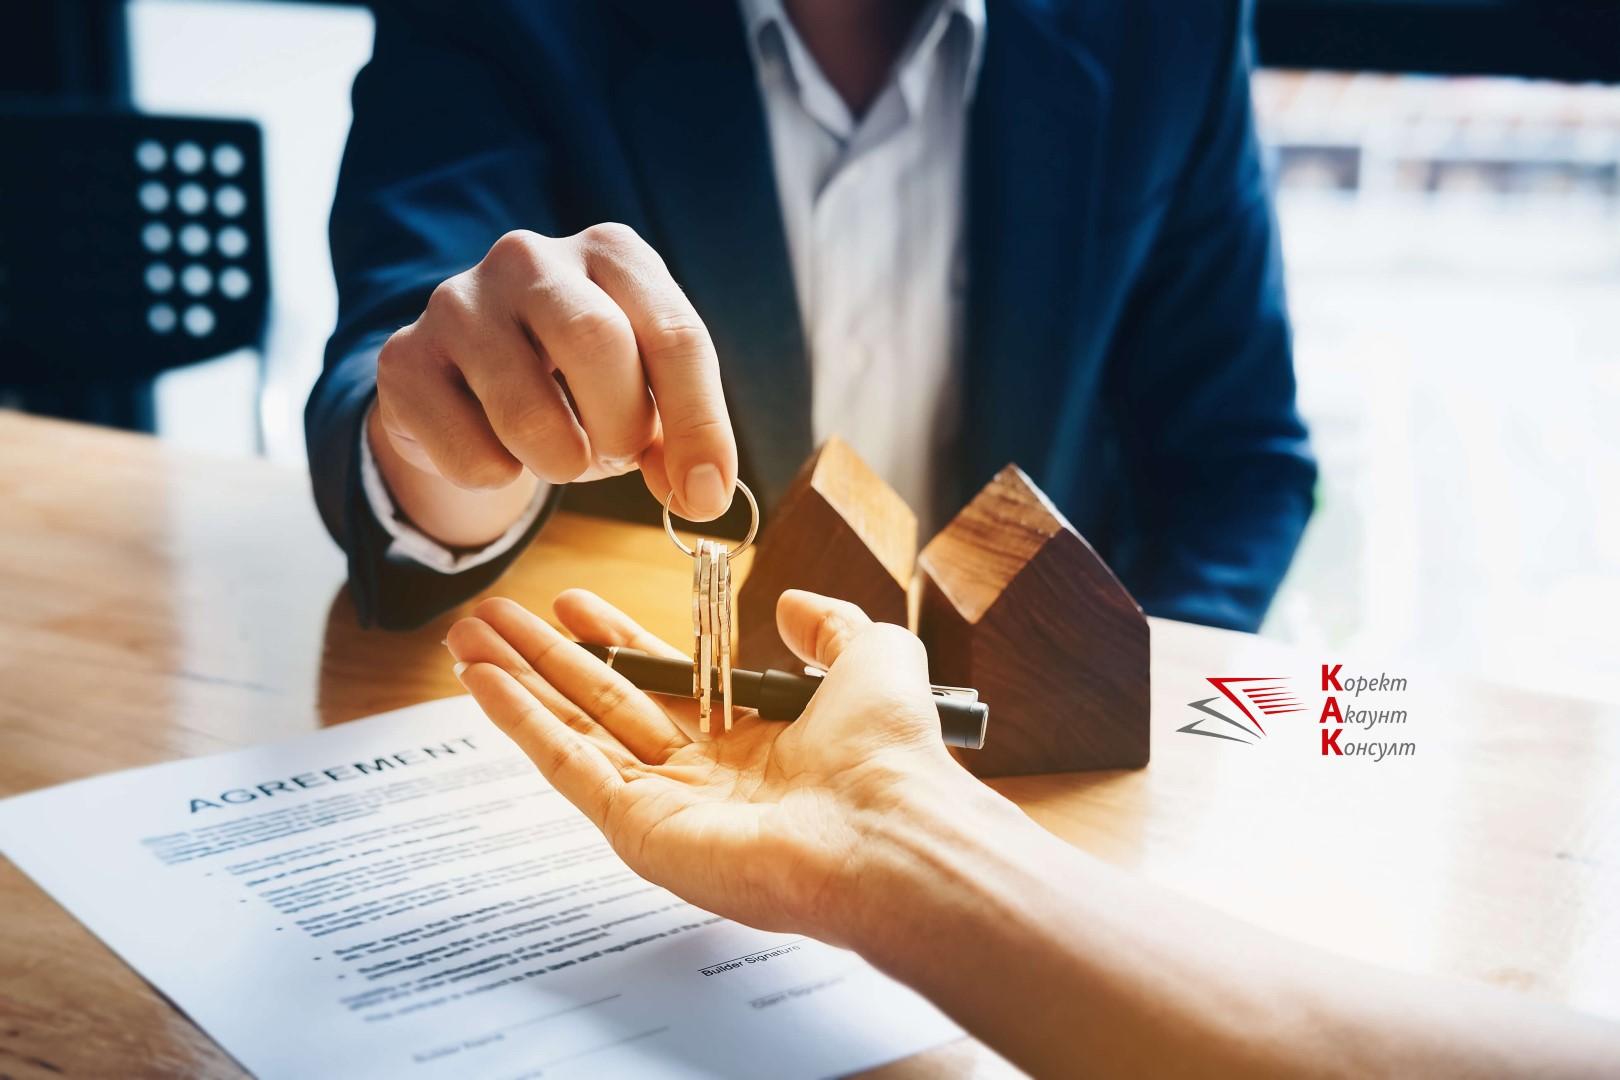 Продажба на недвижим жилищен имот, собственост на физическо лице. Данъчно третиране по реда на ЗДДФЛ И ЗДДС.